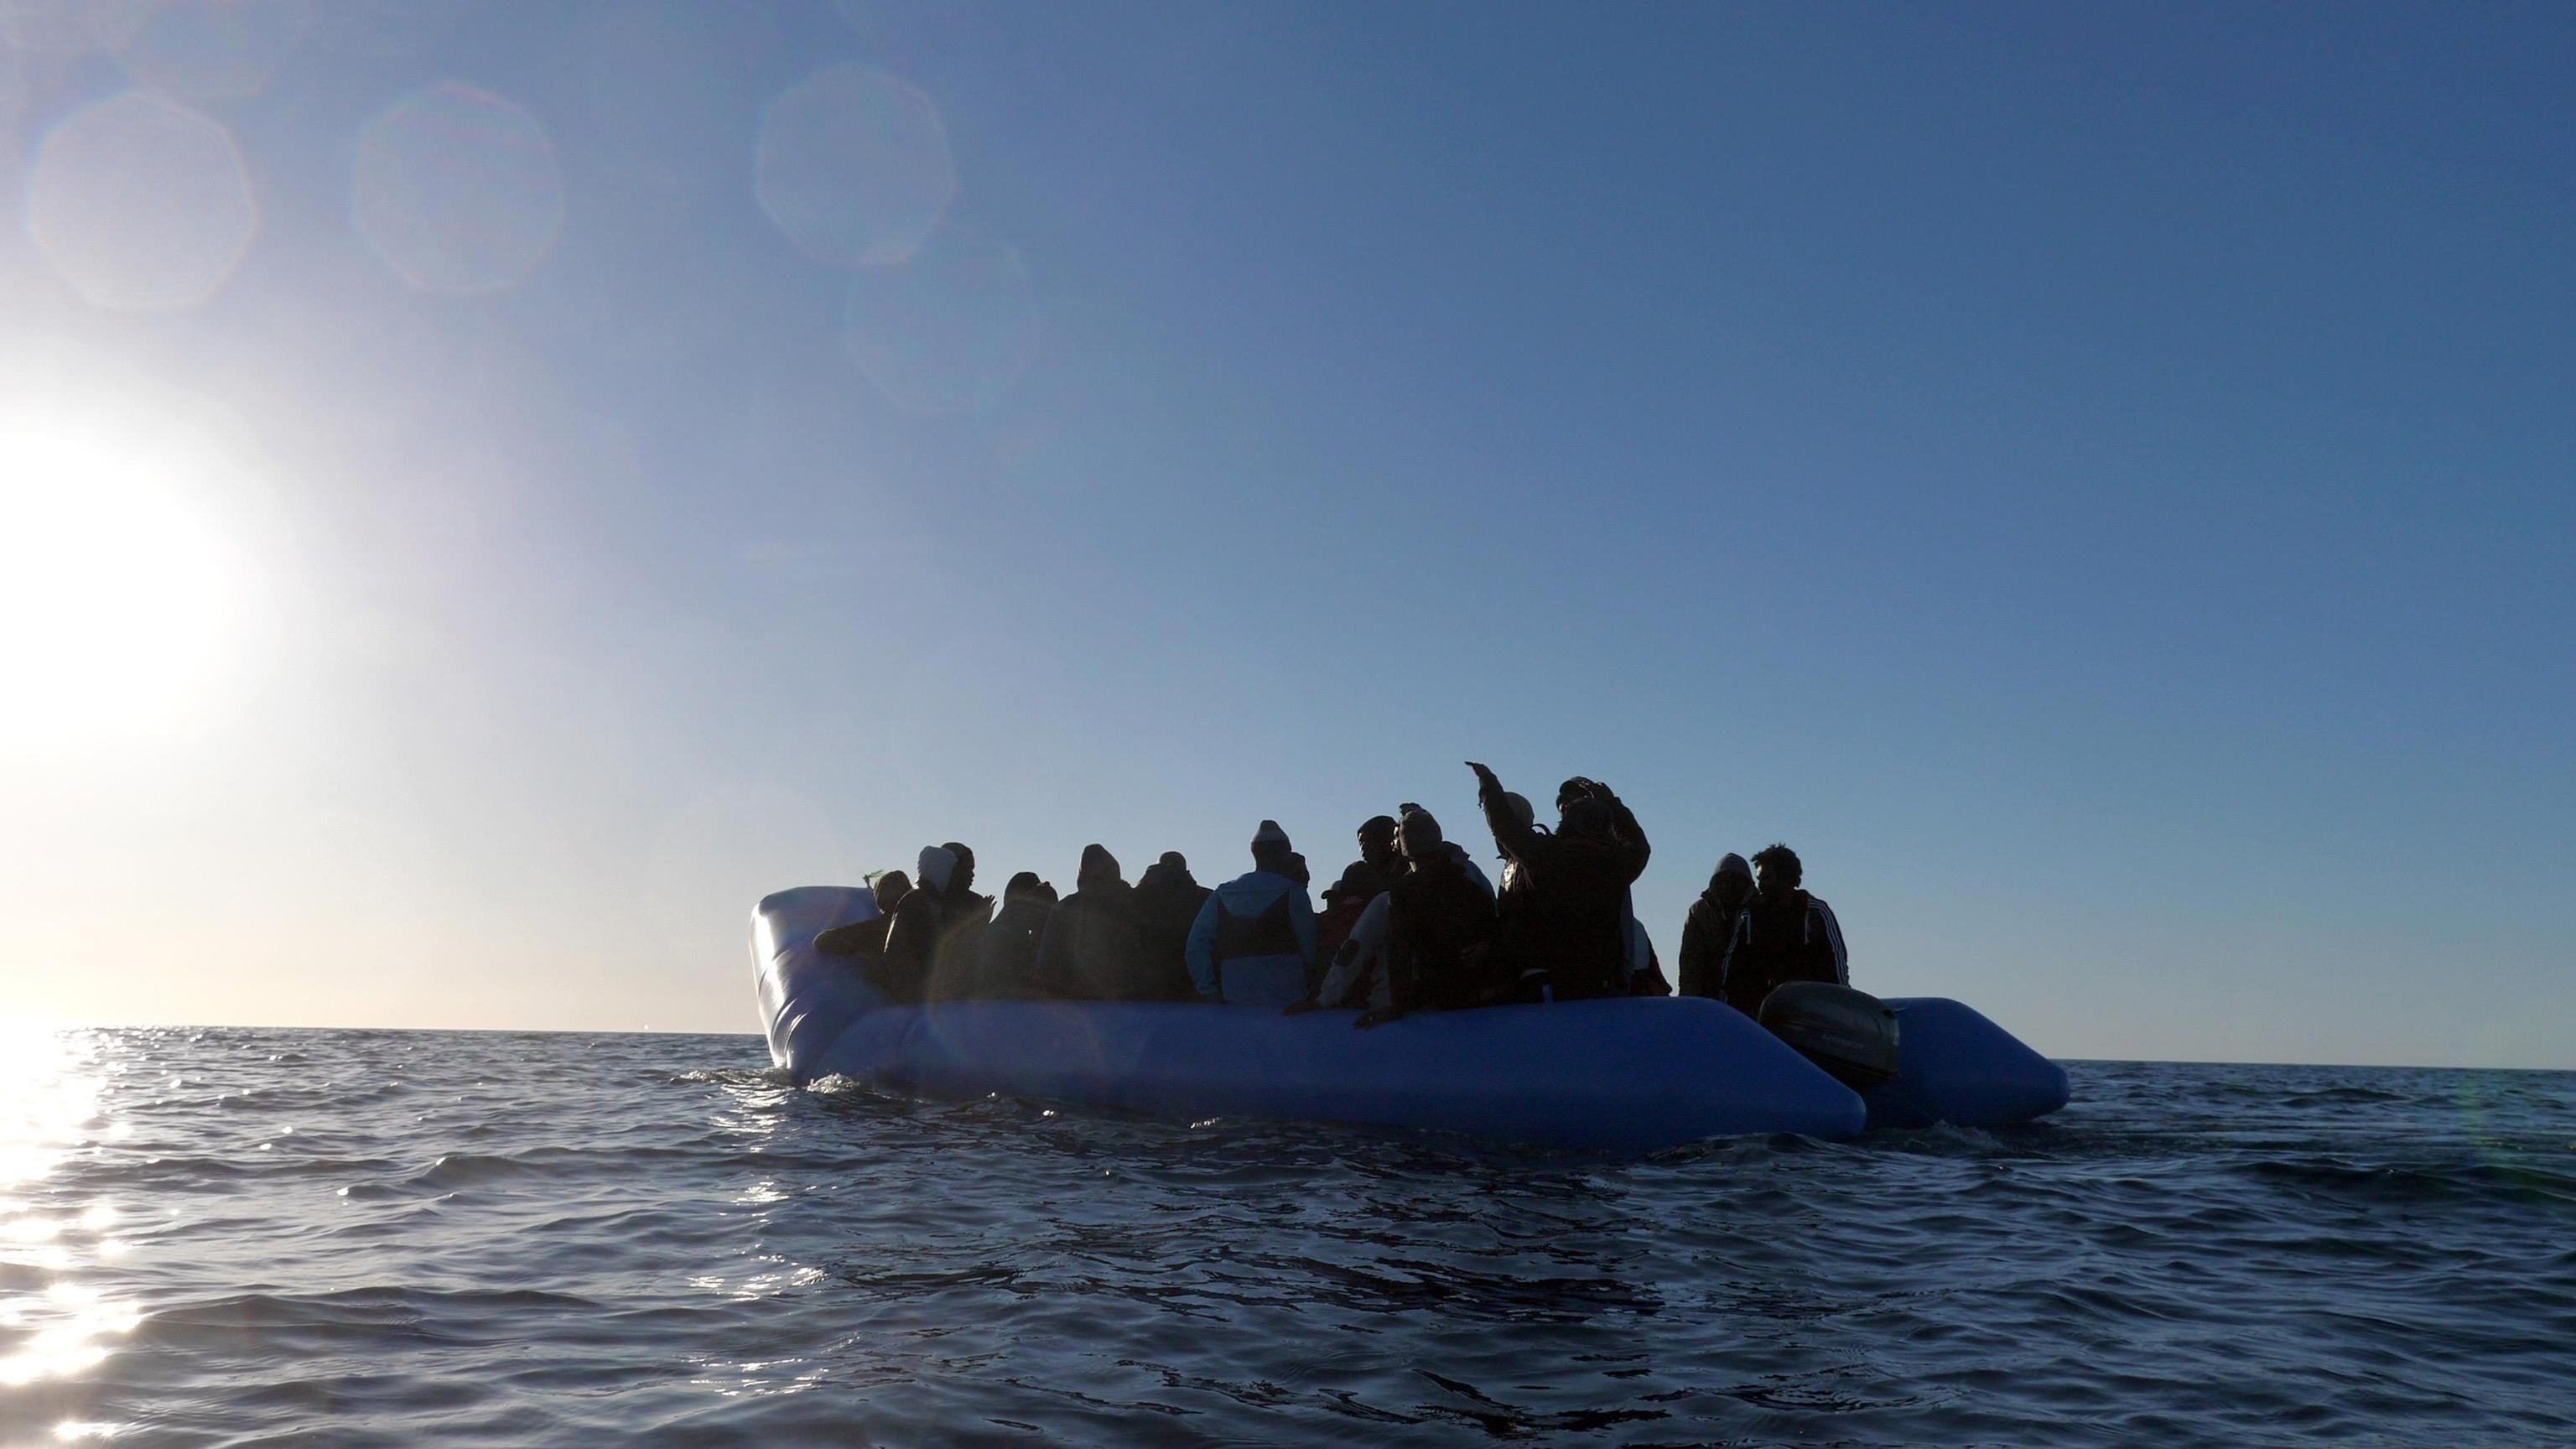 Il gommone con a bordo i 49 migranti a pochi metri di distanza dalla nave Mare Jonio